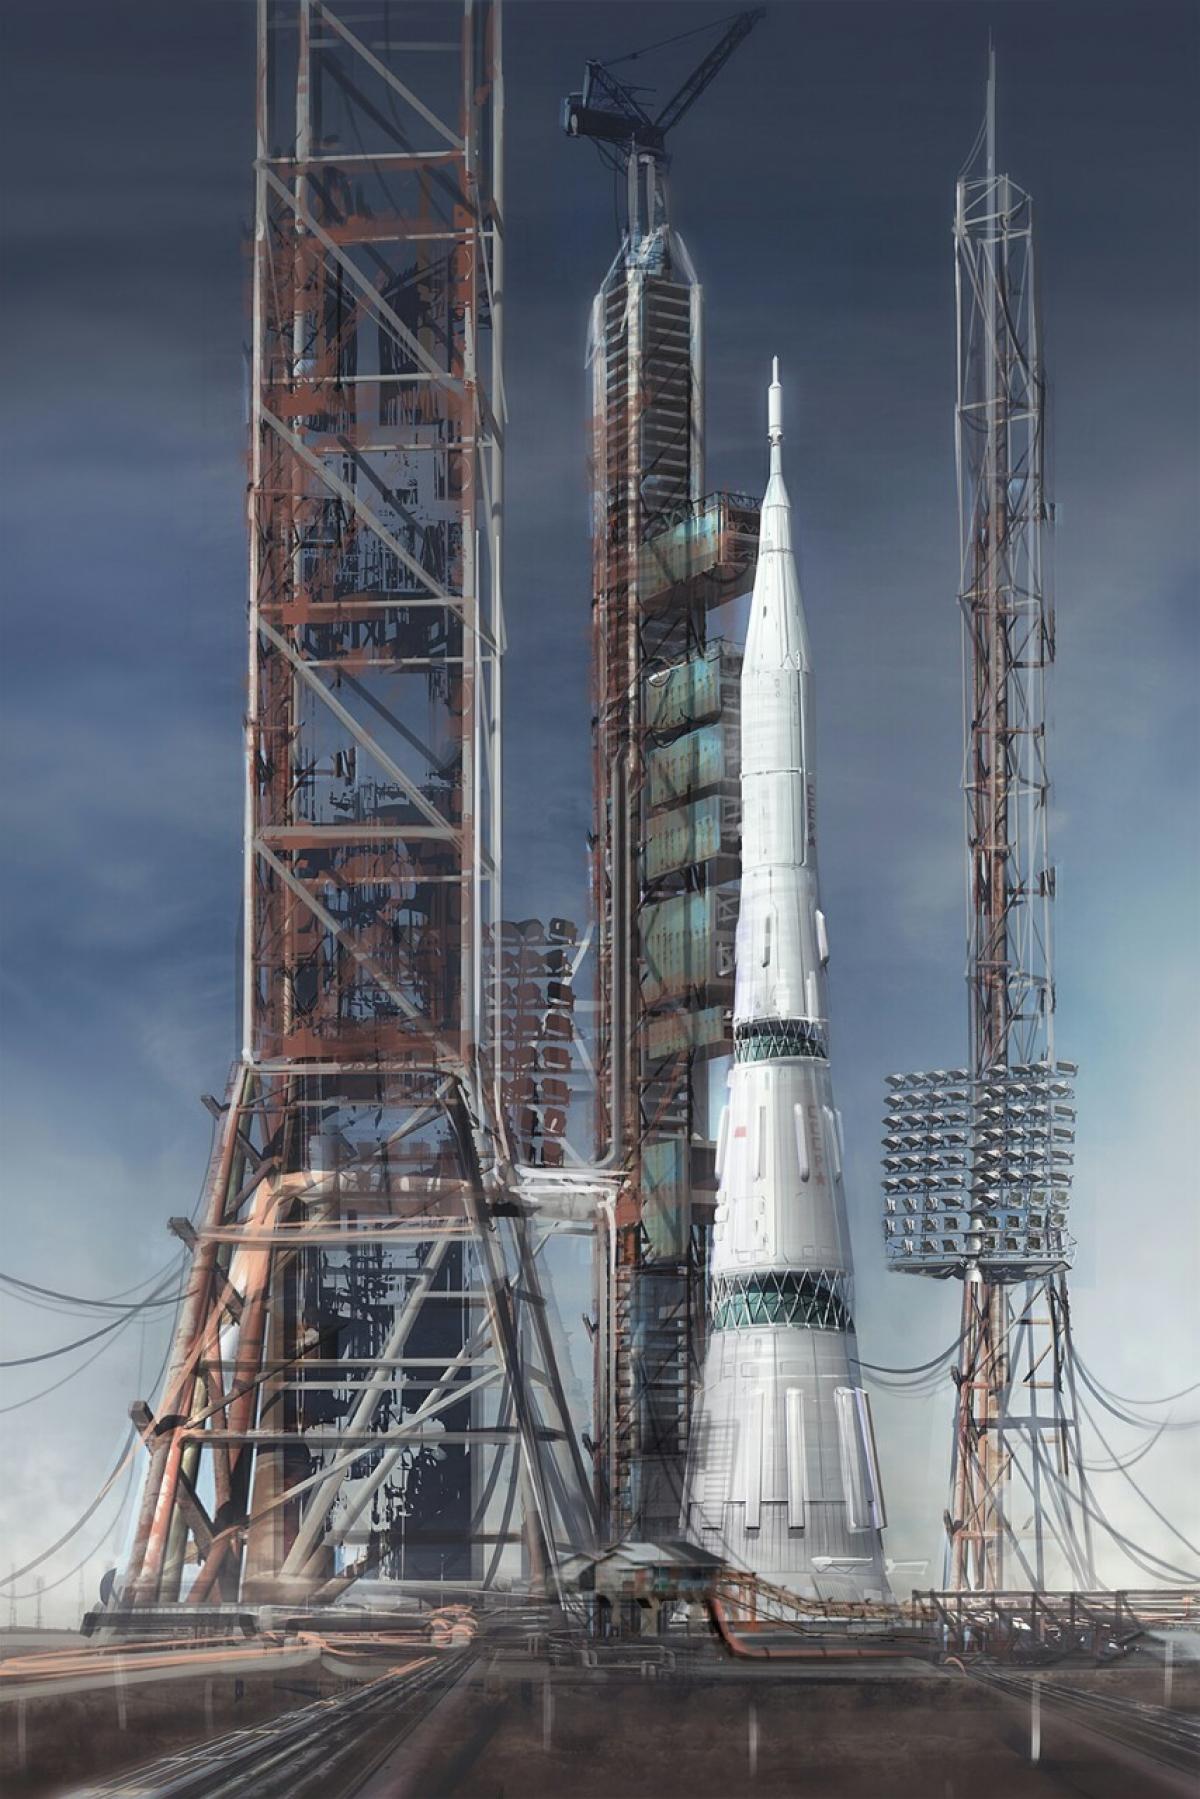 Tên lửa đẩy N1 của Liên Xô; Nguồn: spacethatneverwas.tumblr.com